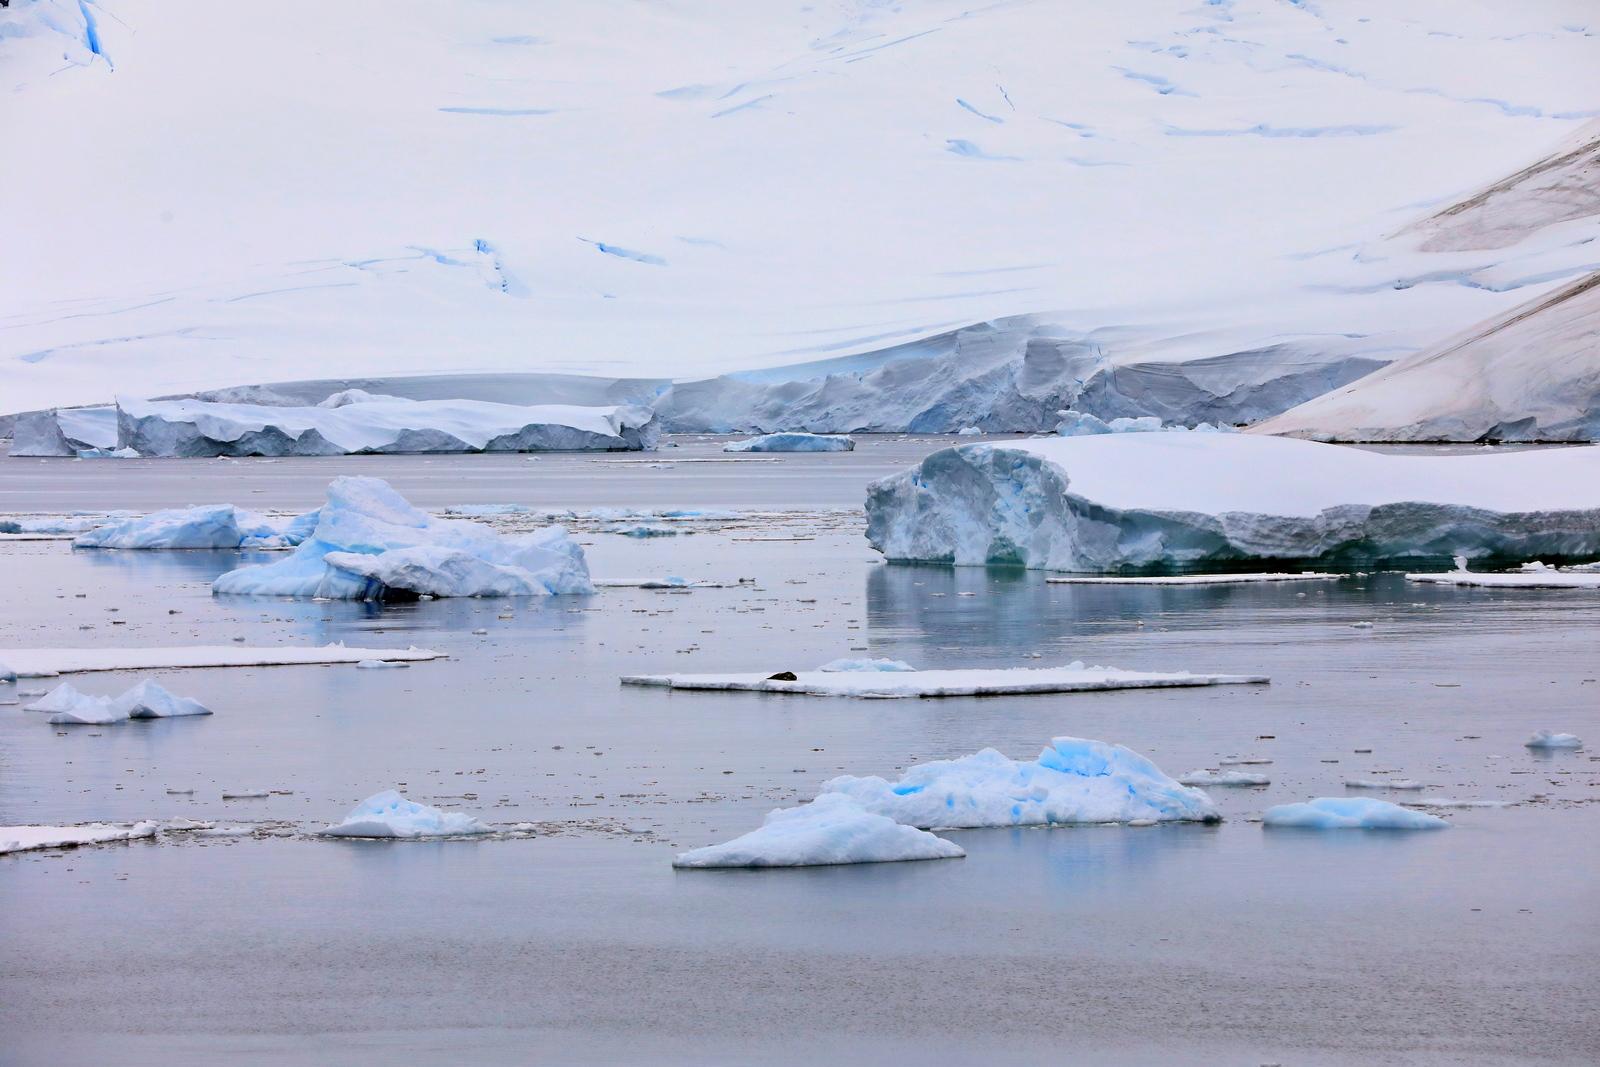 1702_Antarctique_04078_c_sm.jpg